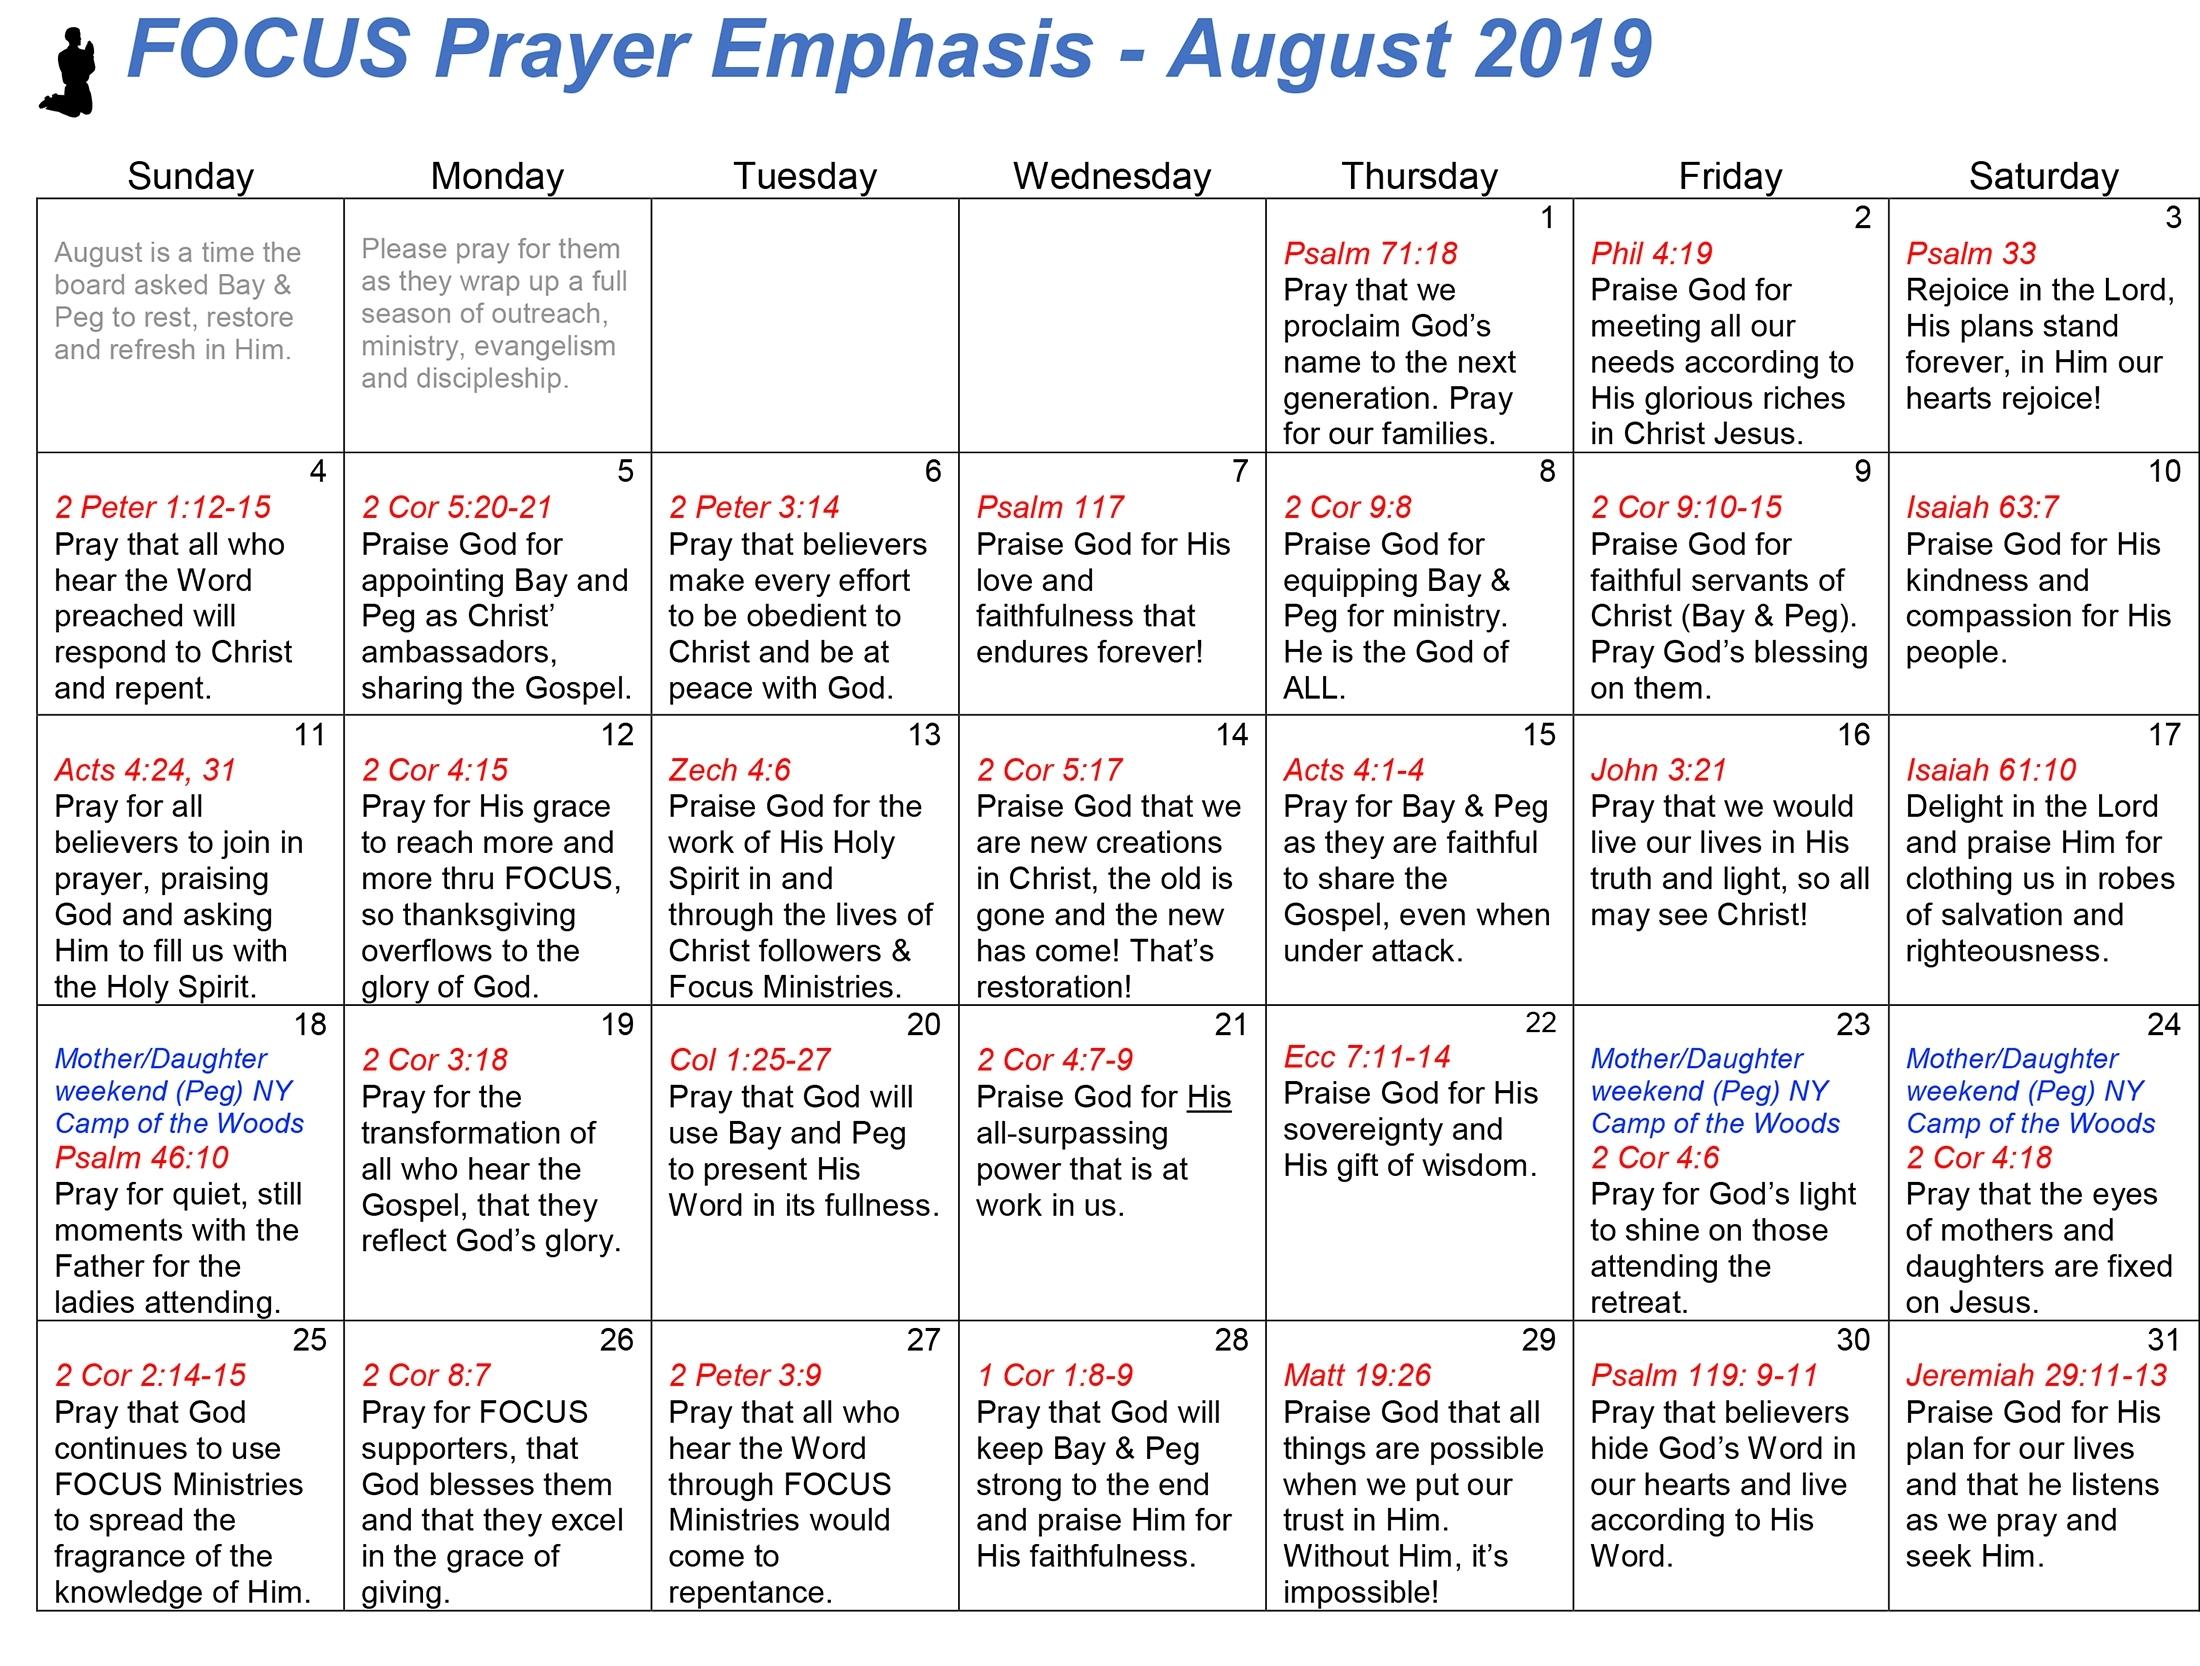 Get Prayer Calendar For August